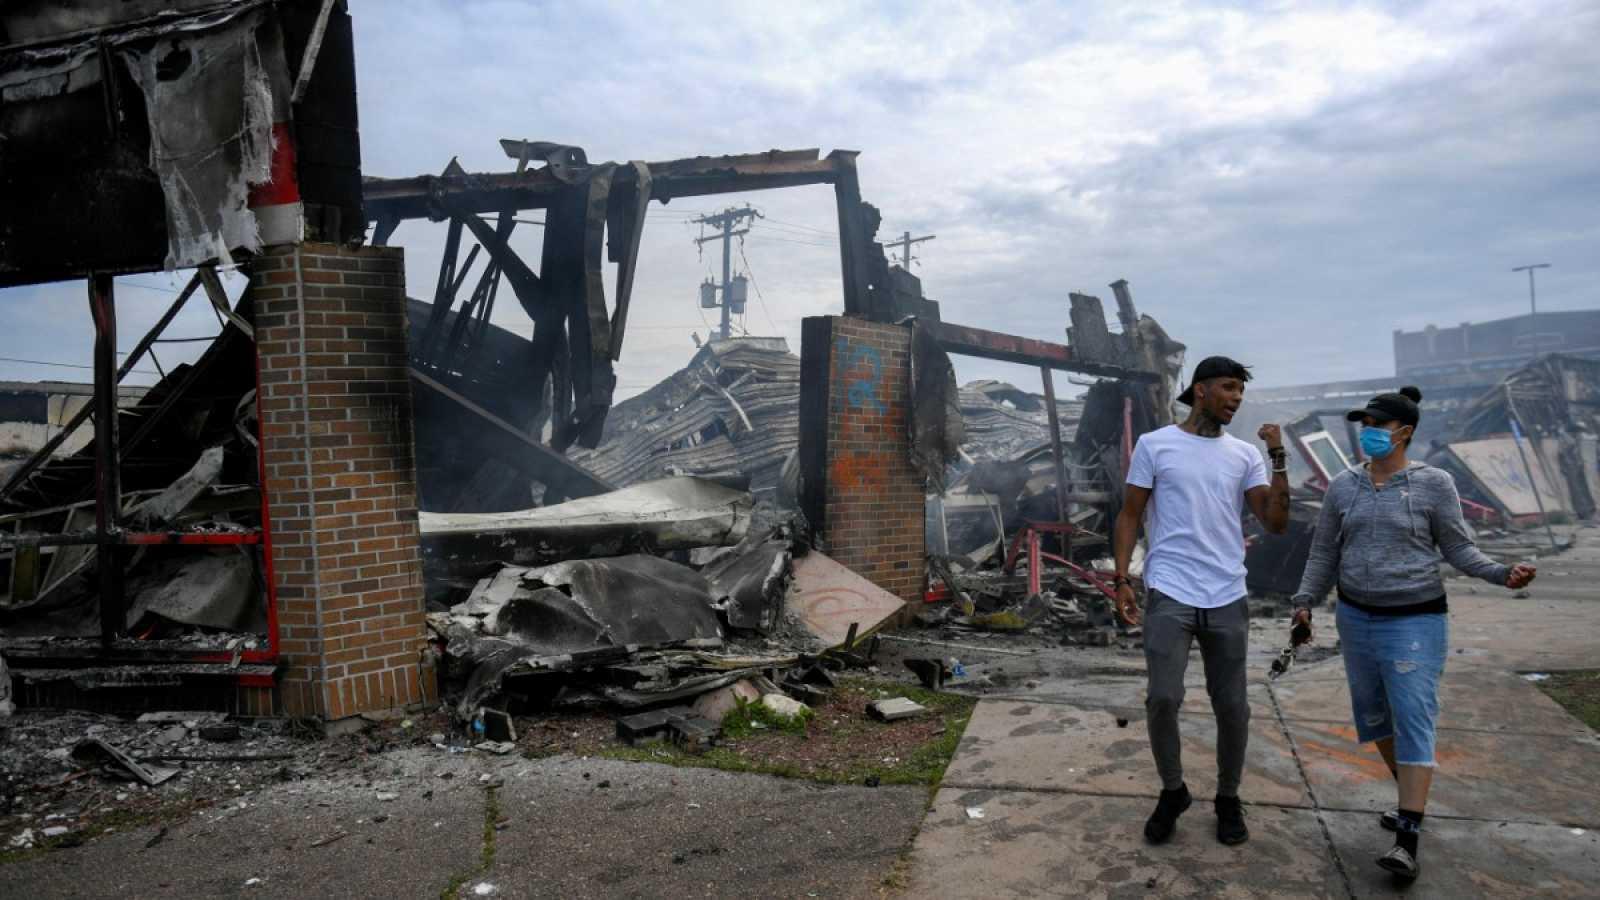 Incendios y edificios destruidos: las protestas dejan un panorama desolador en las calles de Mineápolis